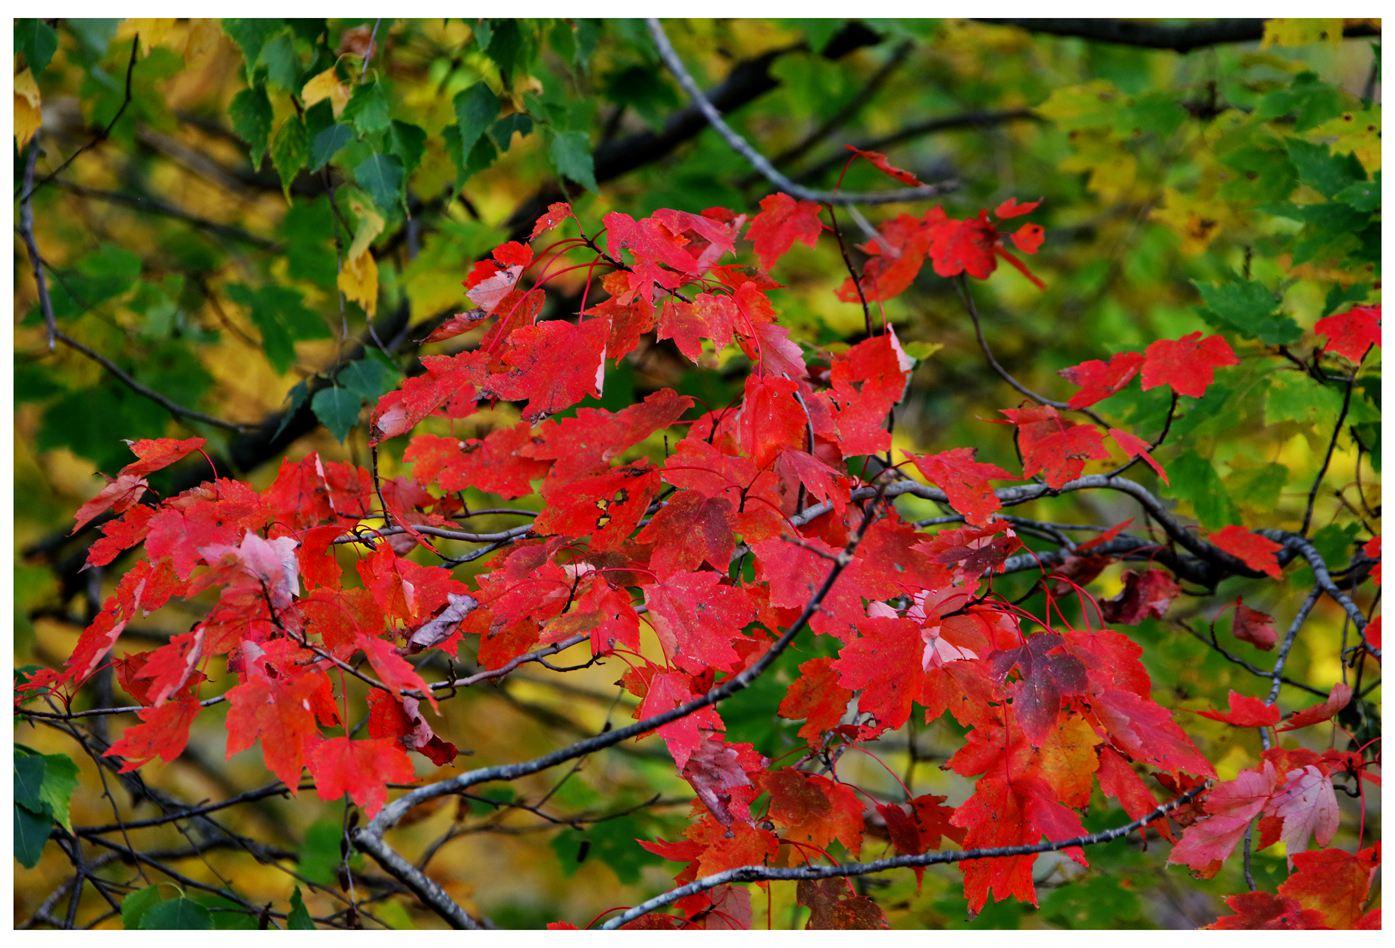 风光] 叶到红时勘比花—实拍美国东部深秋红叶_图1-2